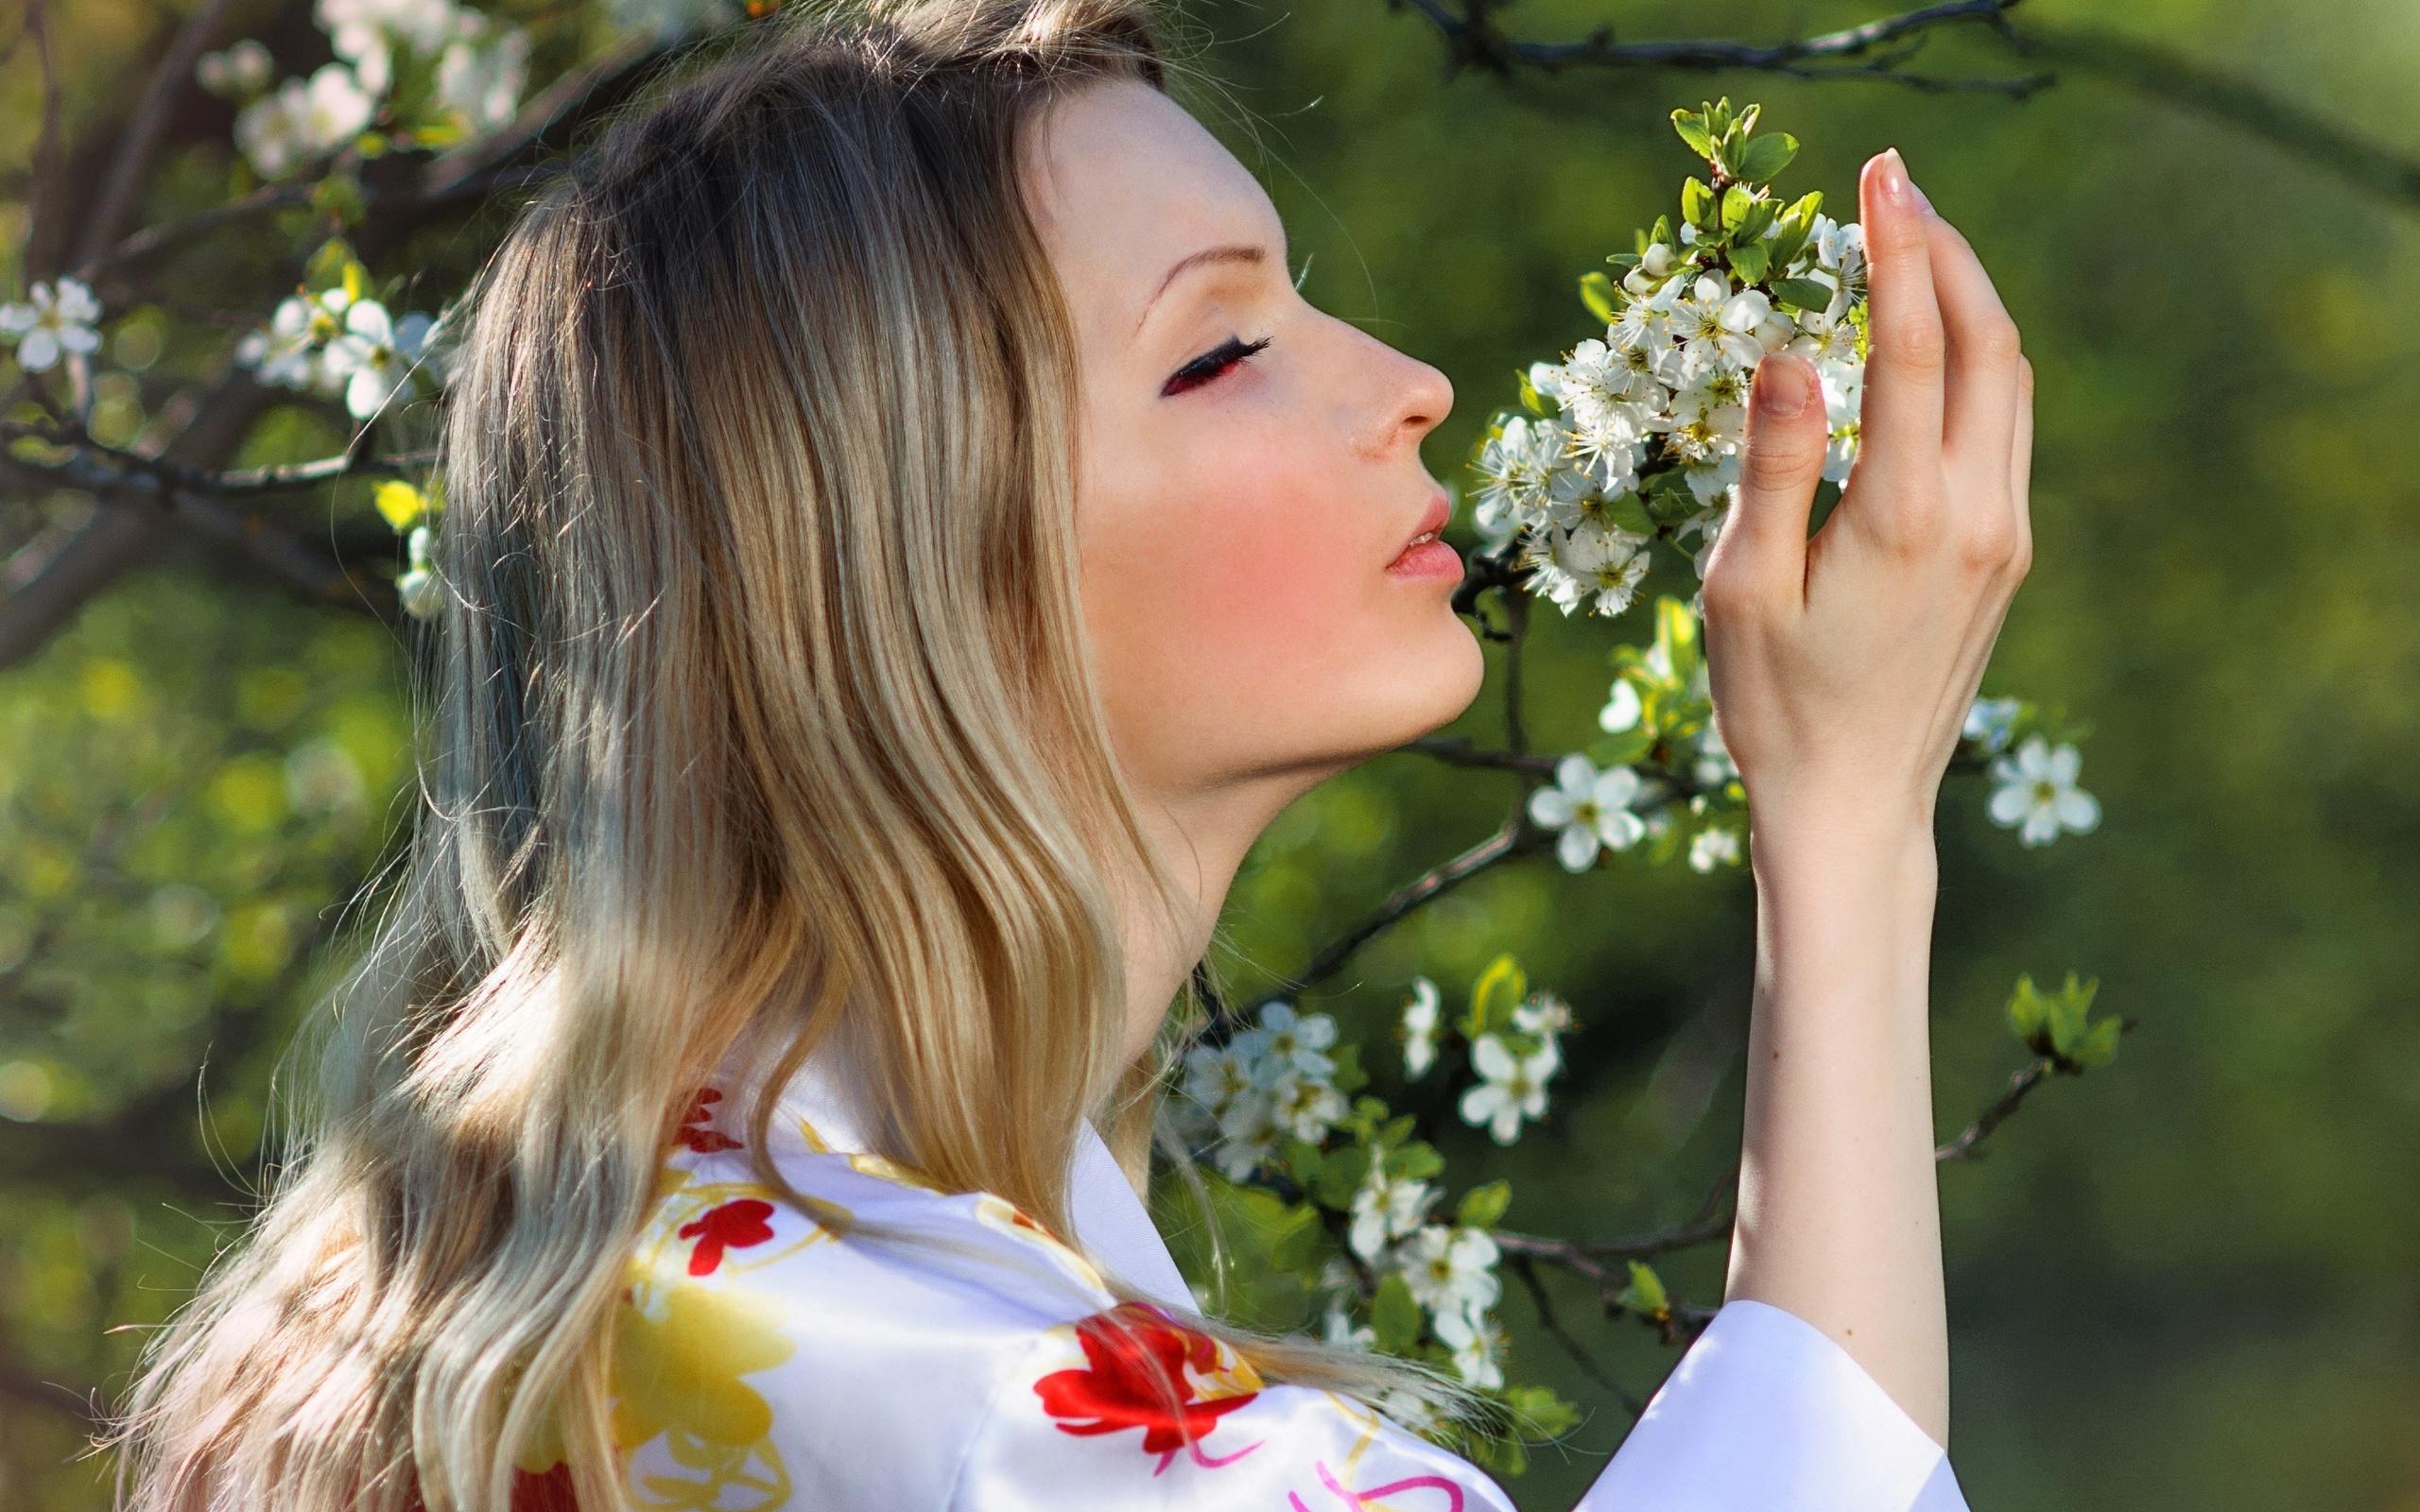 каждый картинки запахи цветов регулировщик